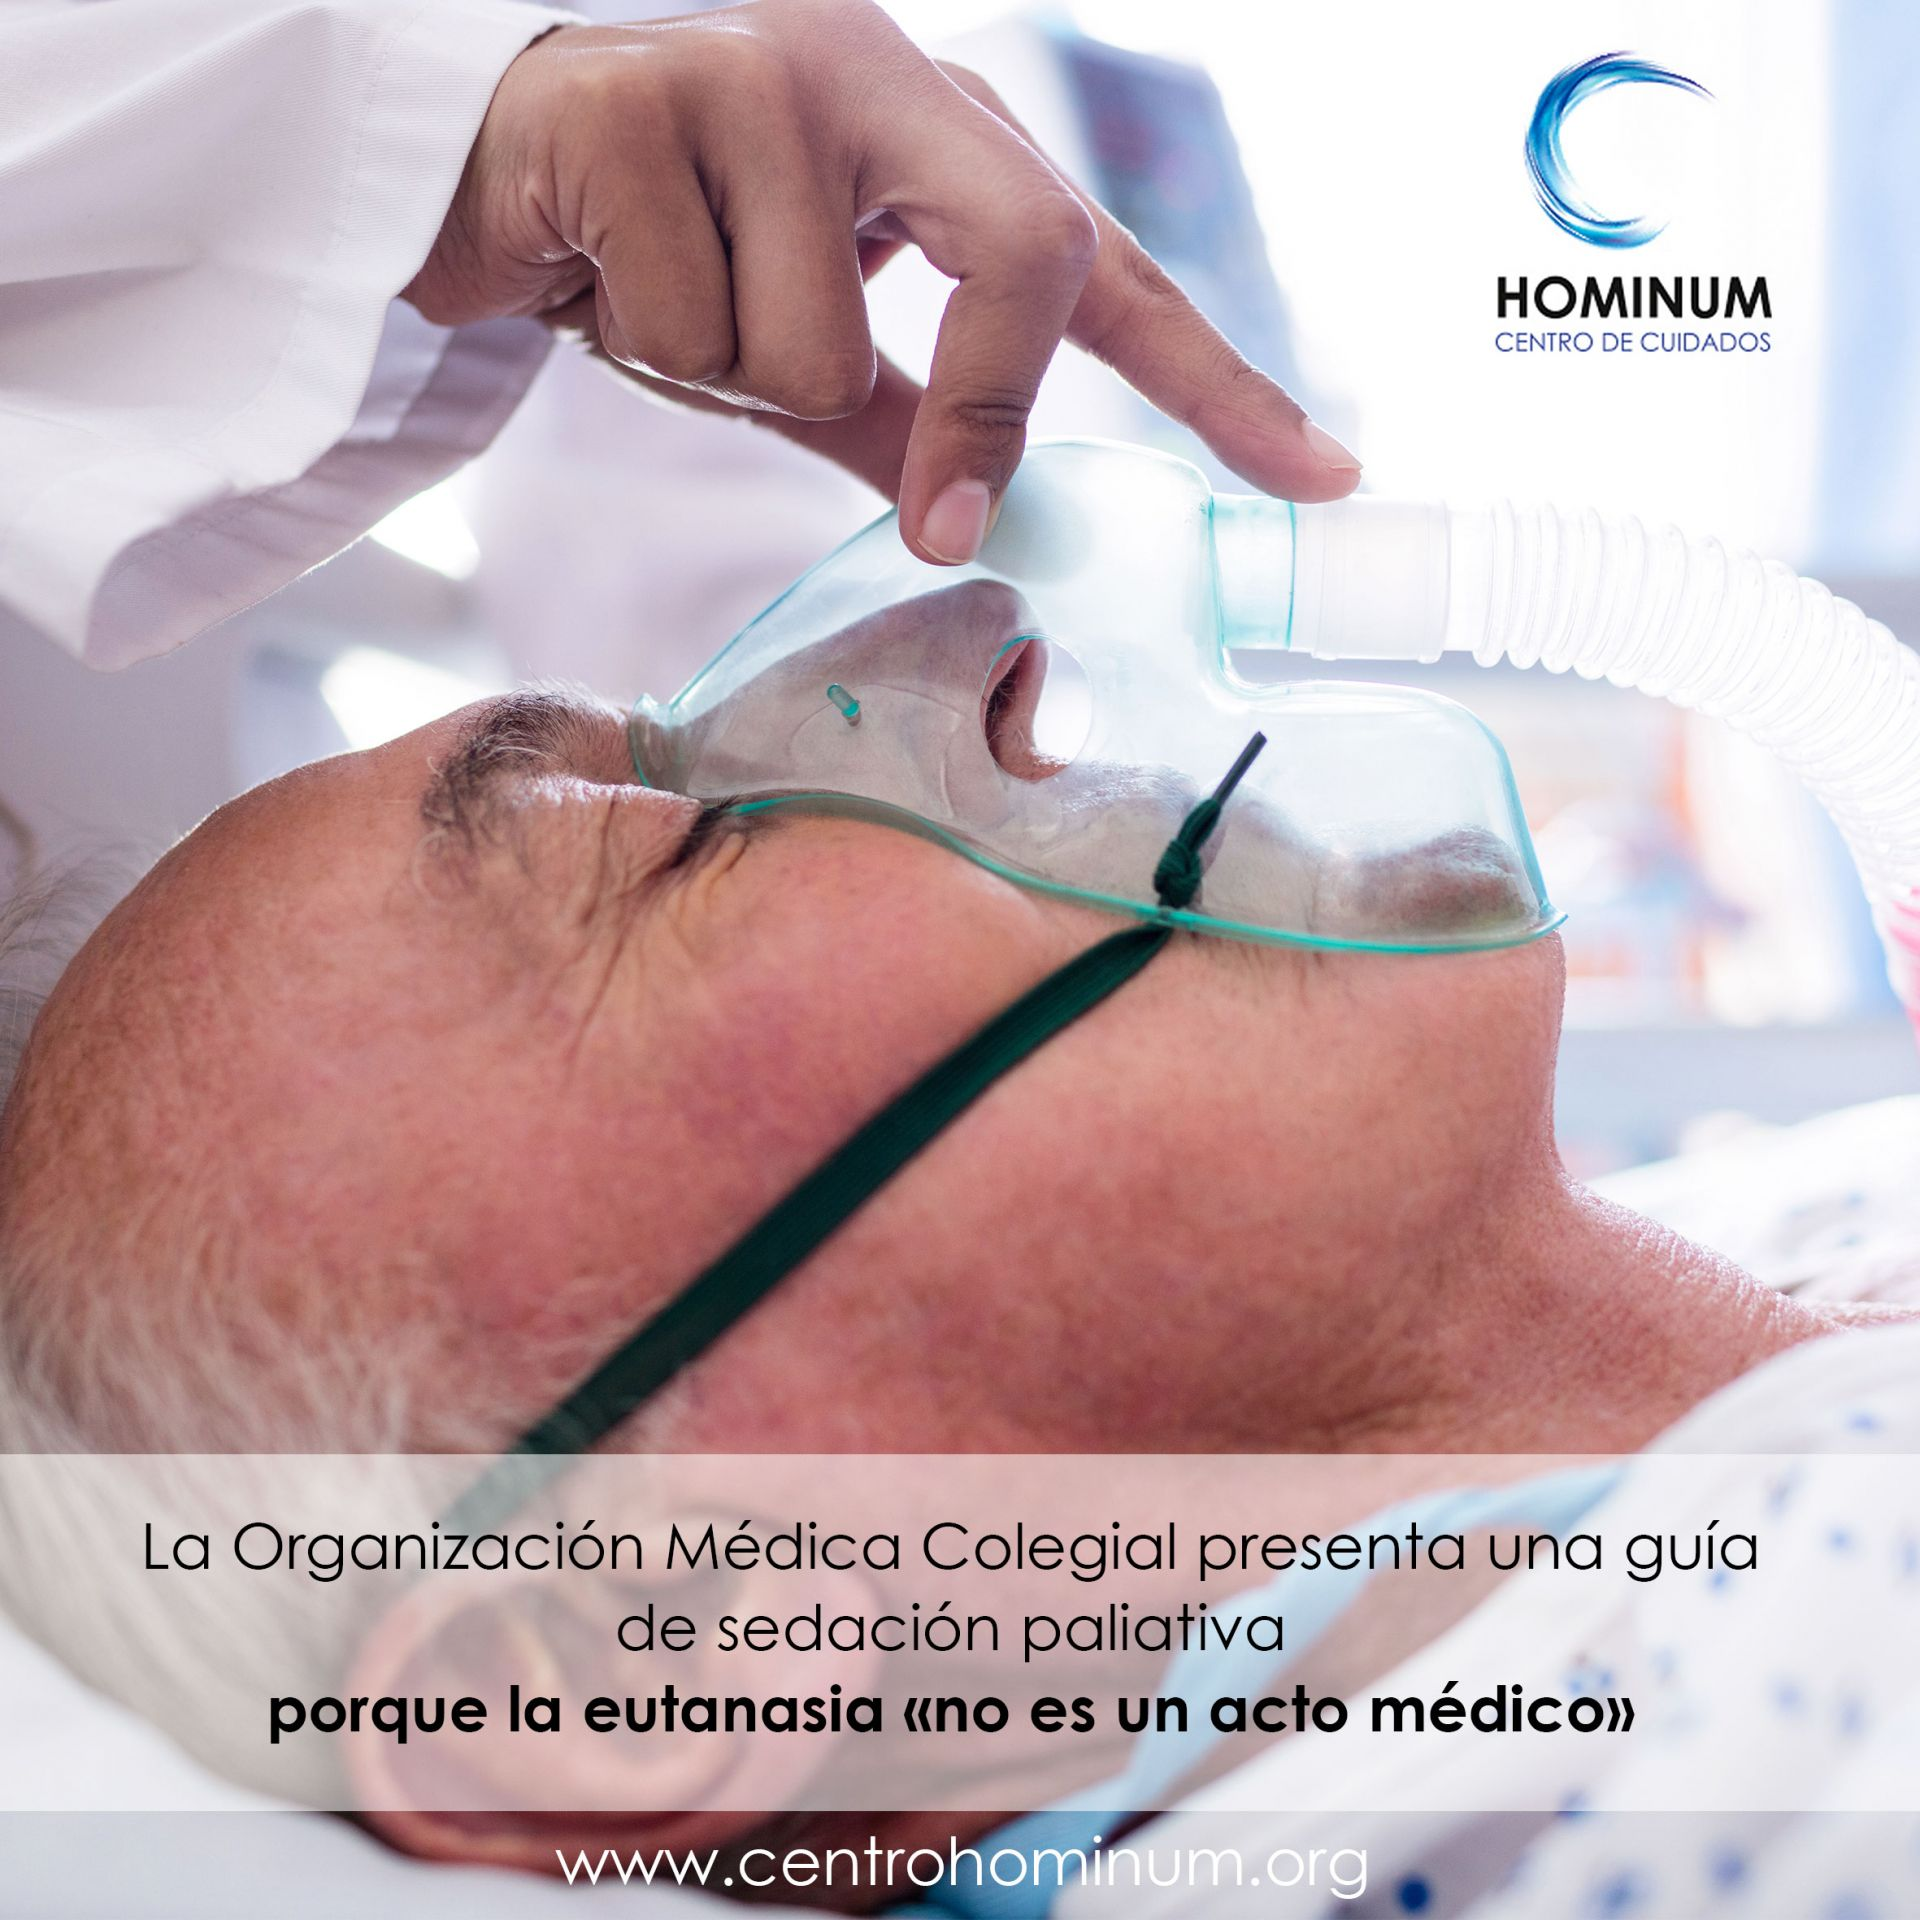 Foto Guía de sedación paliativa porque la eutanasia, no es un acto médico